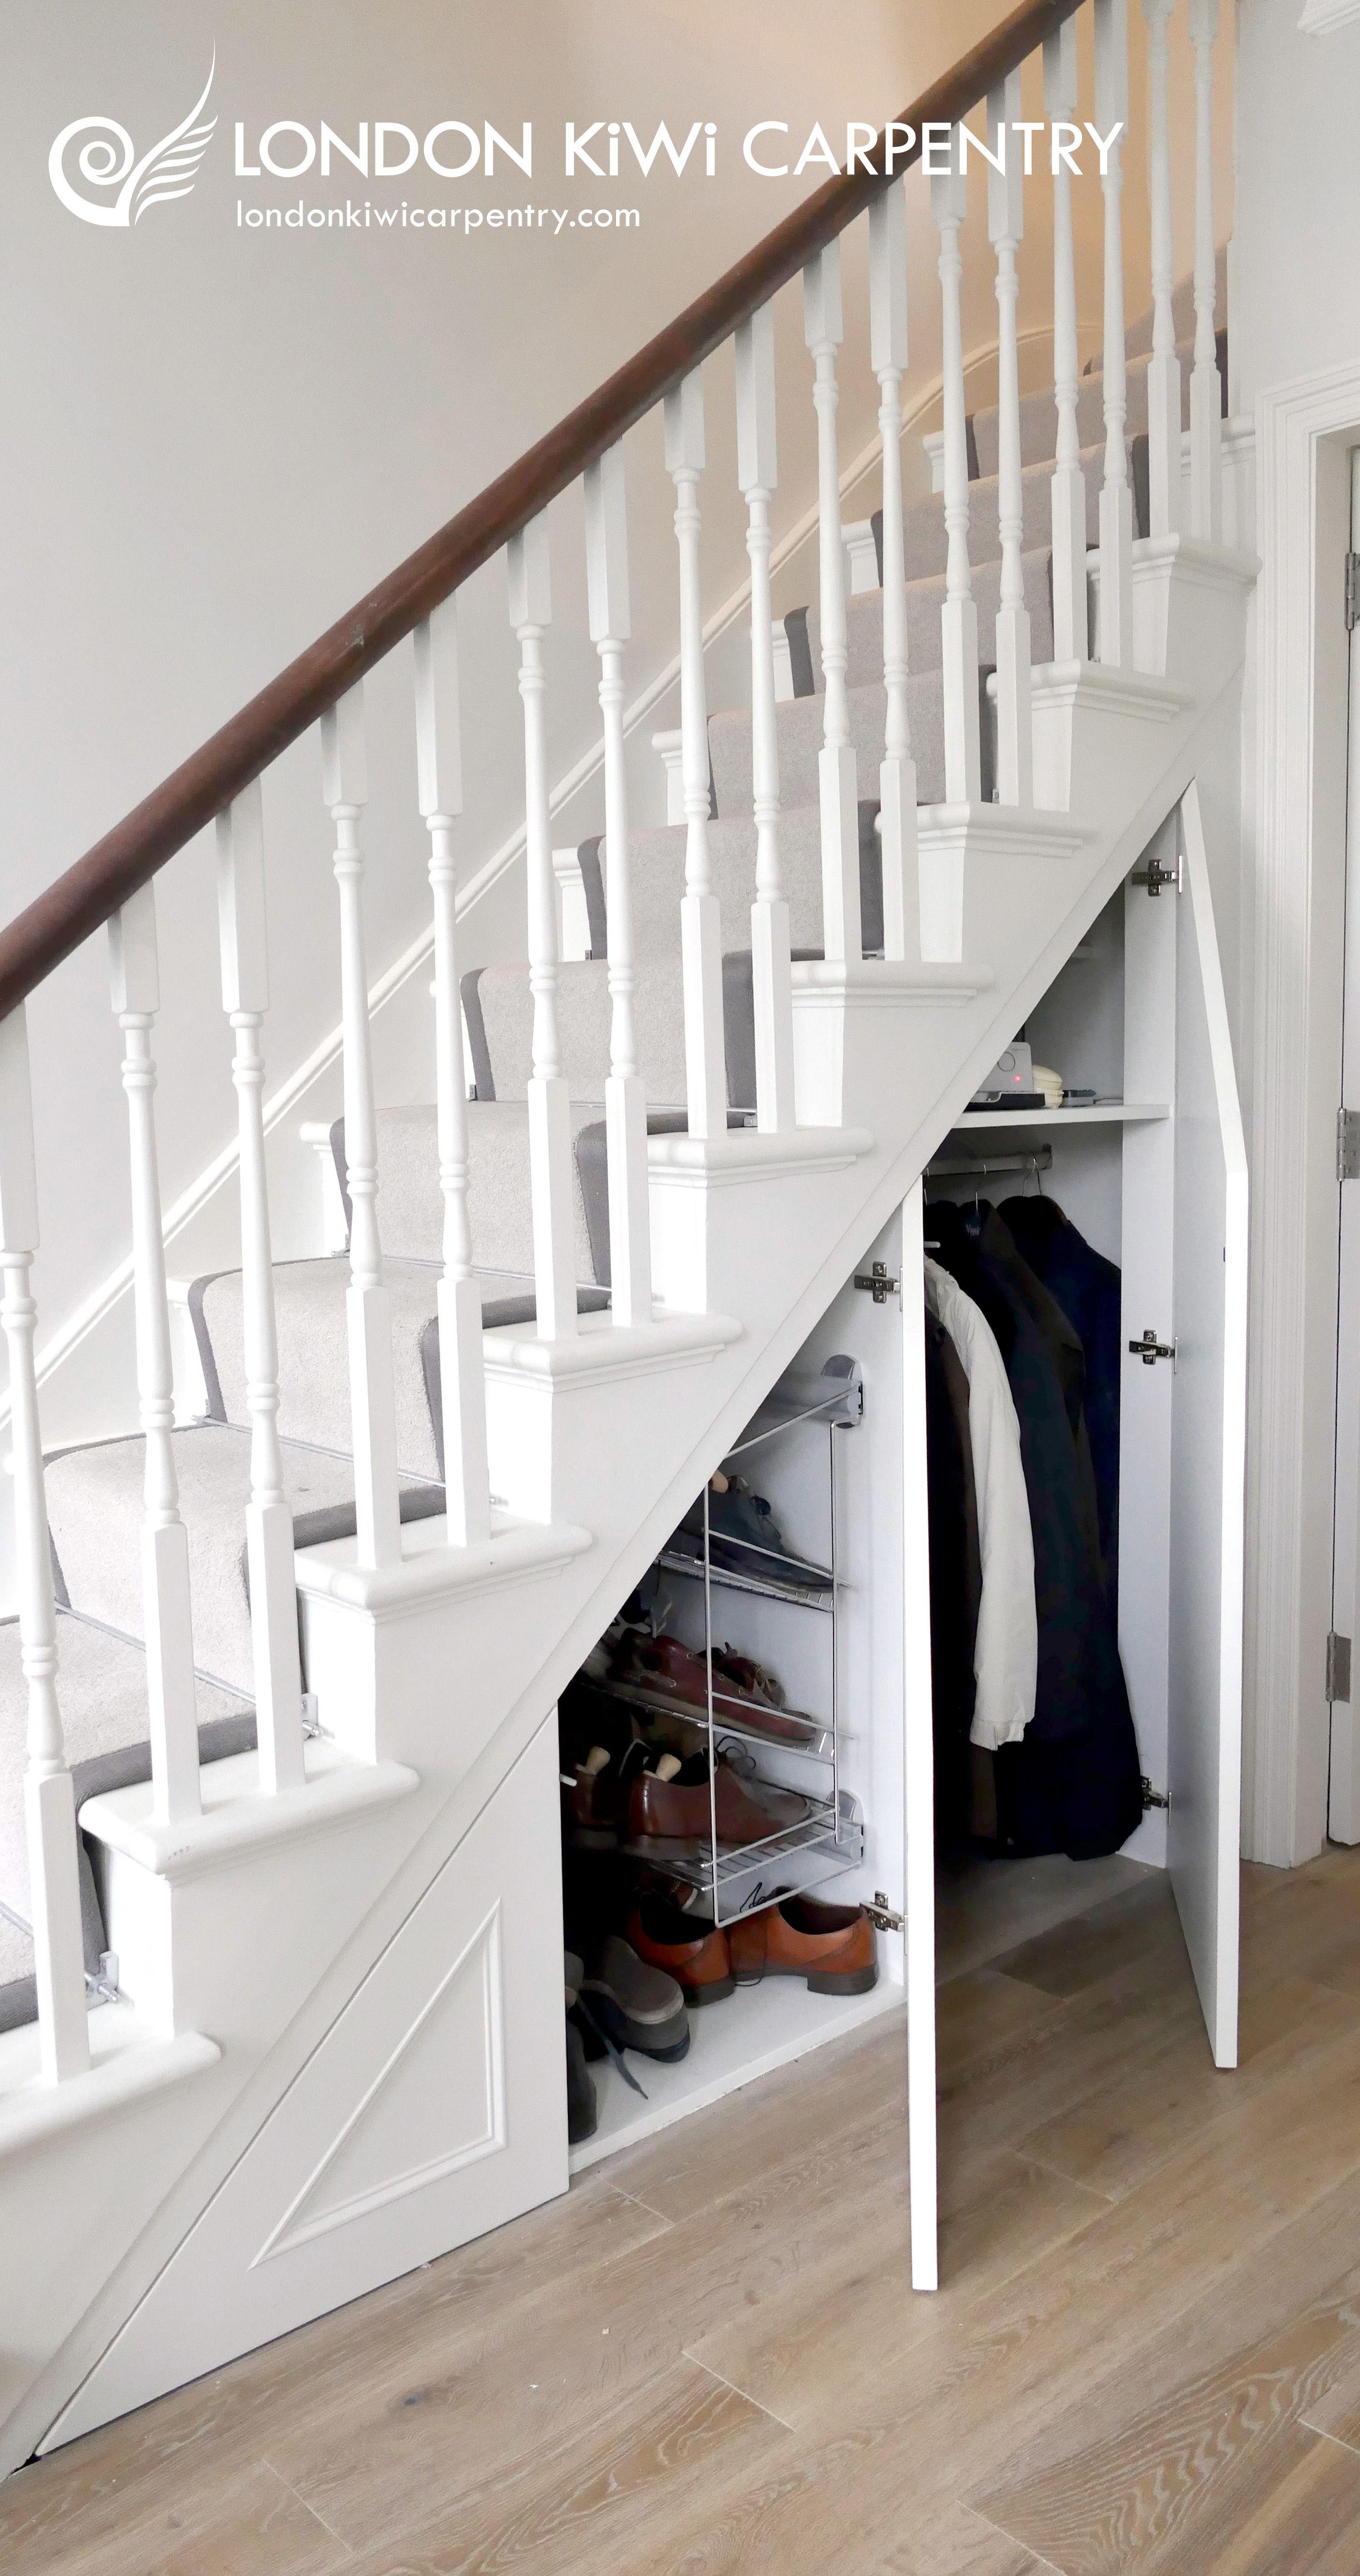 Under Stair Storage (Open) By London Kiwi Carpentry #Understairs #Storage